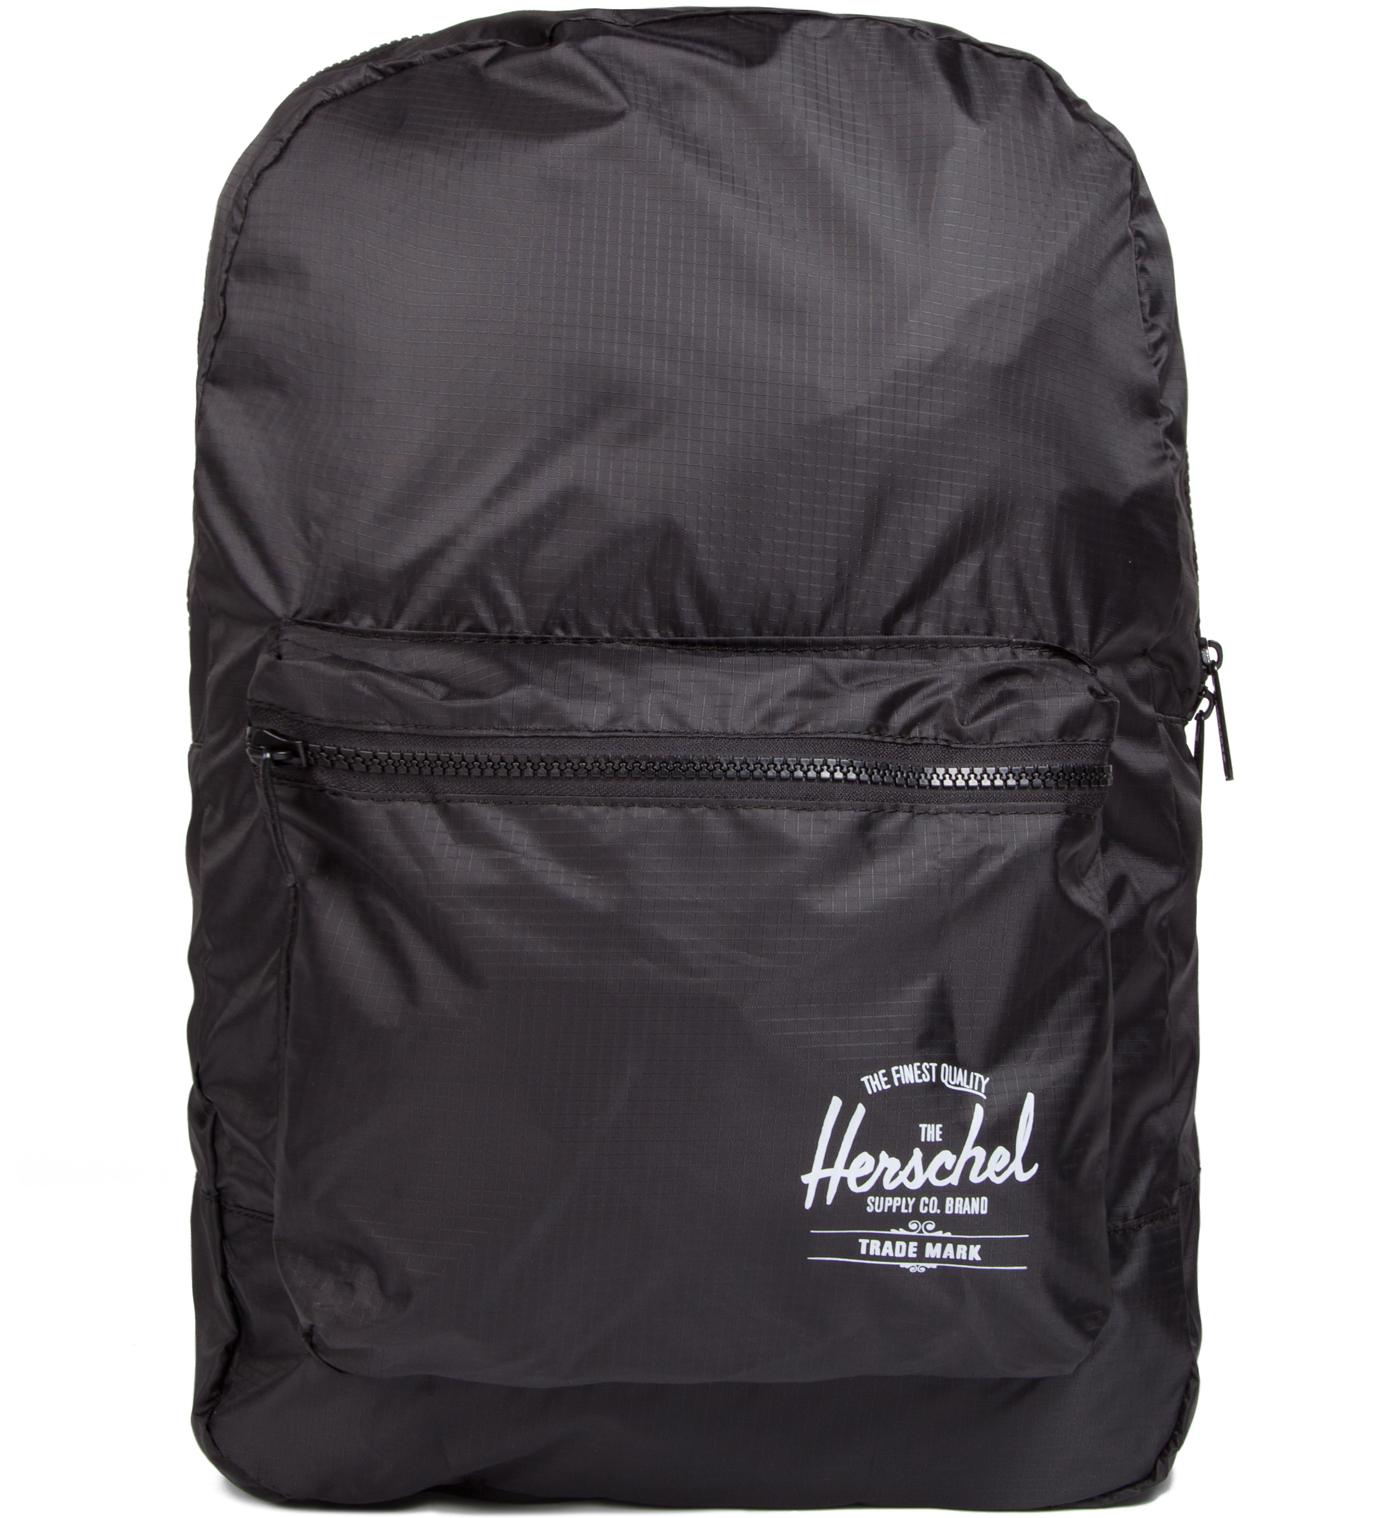 Herschel Supply Co. Black Packable Daypack